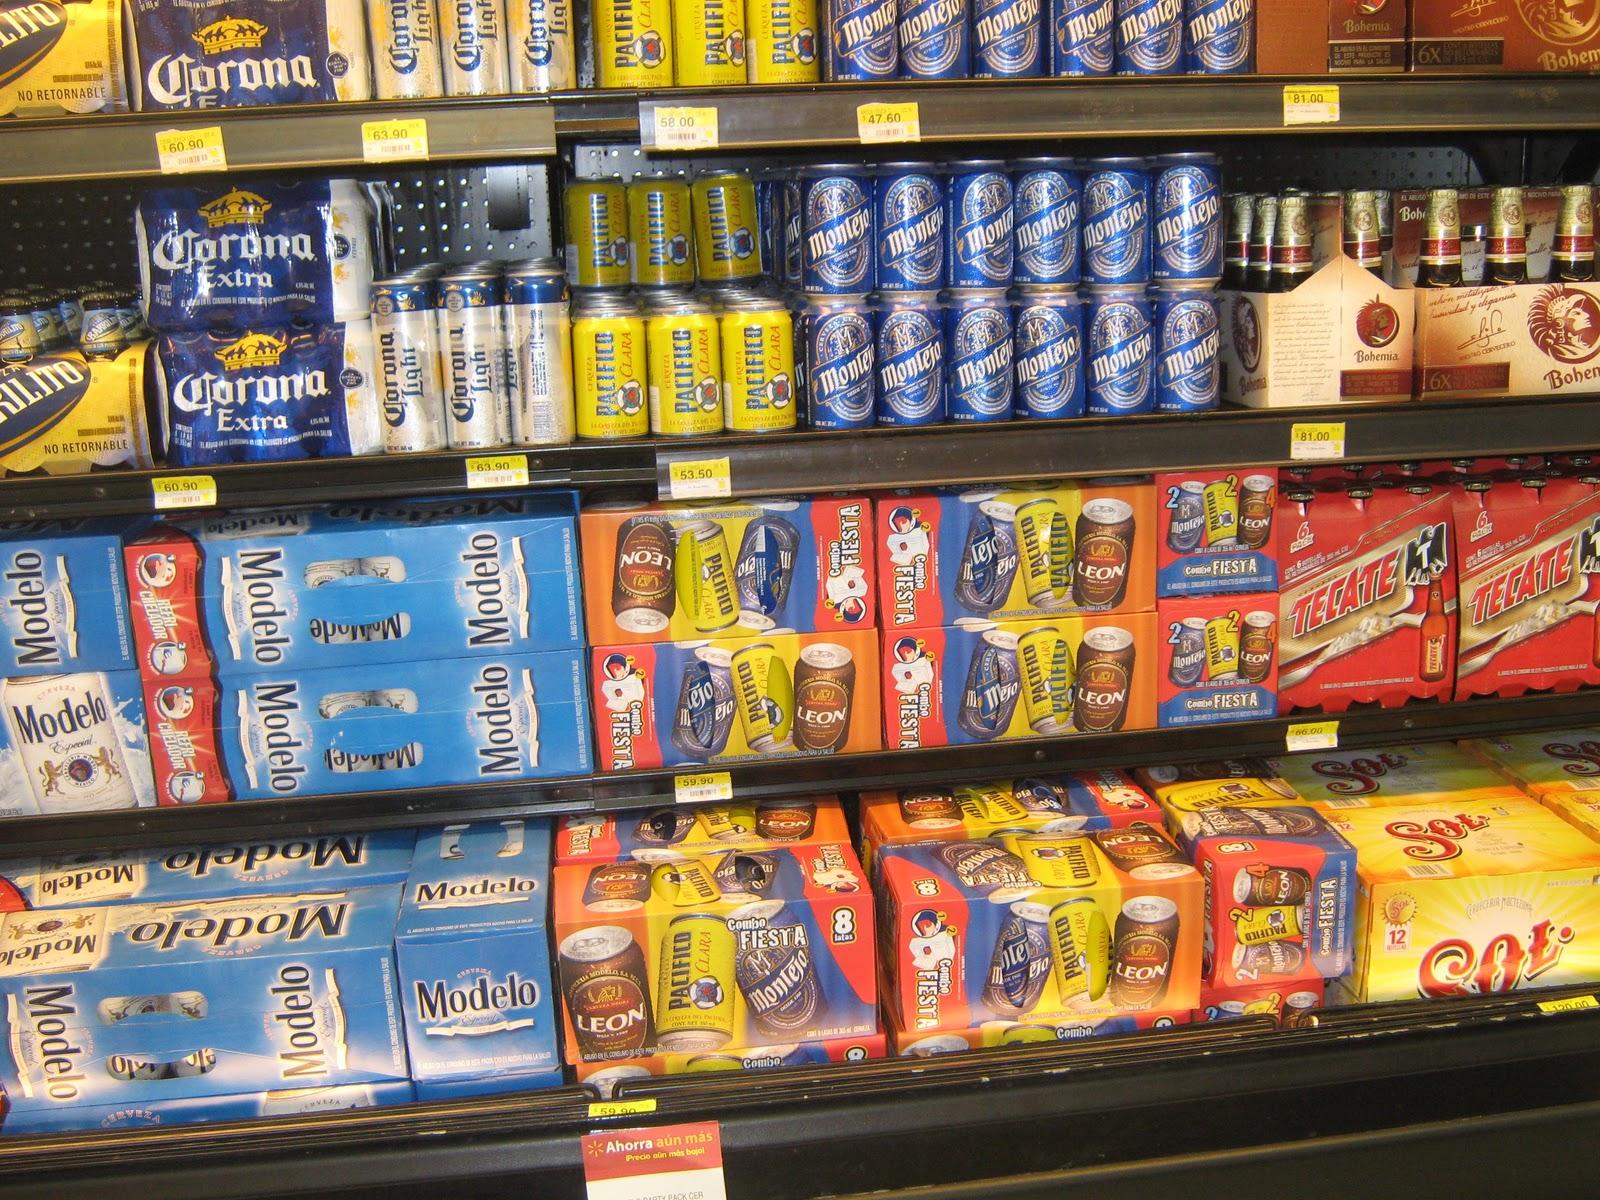 Cómo iniciar una distribuidora de cerveza | Cuida tu dinero